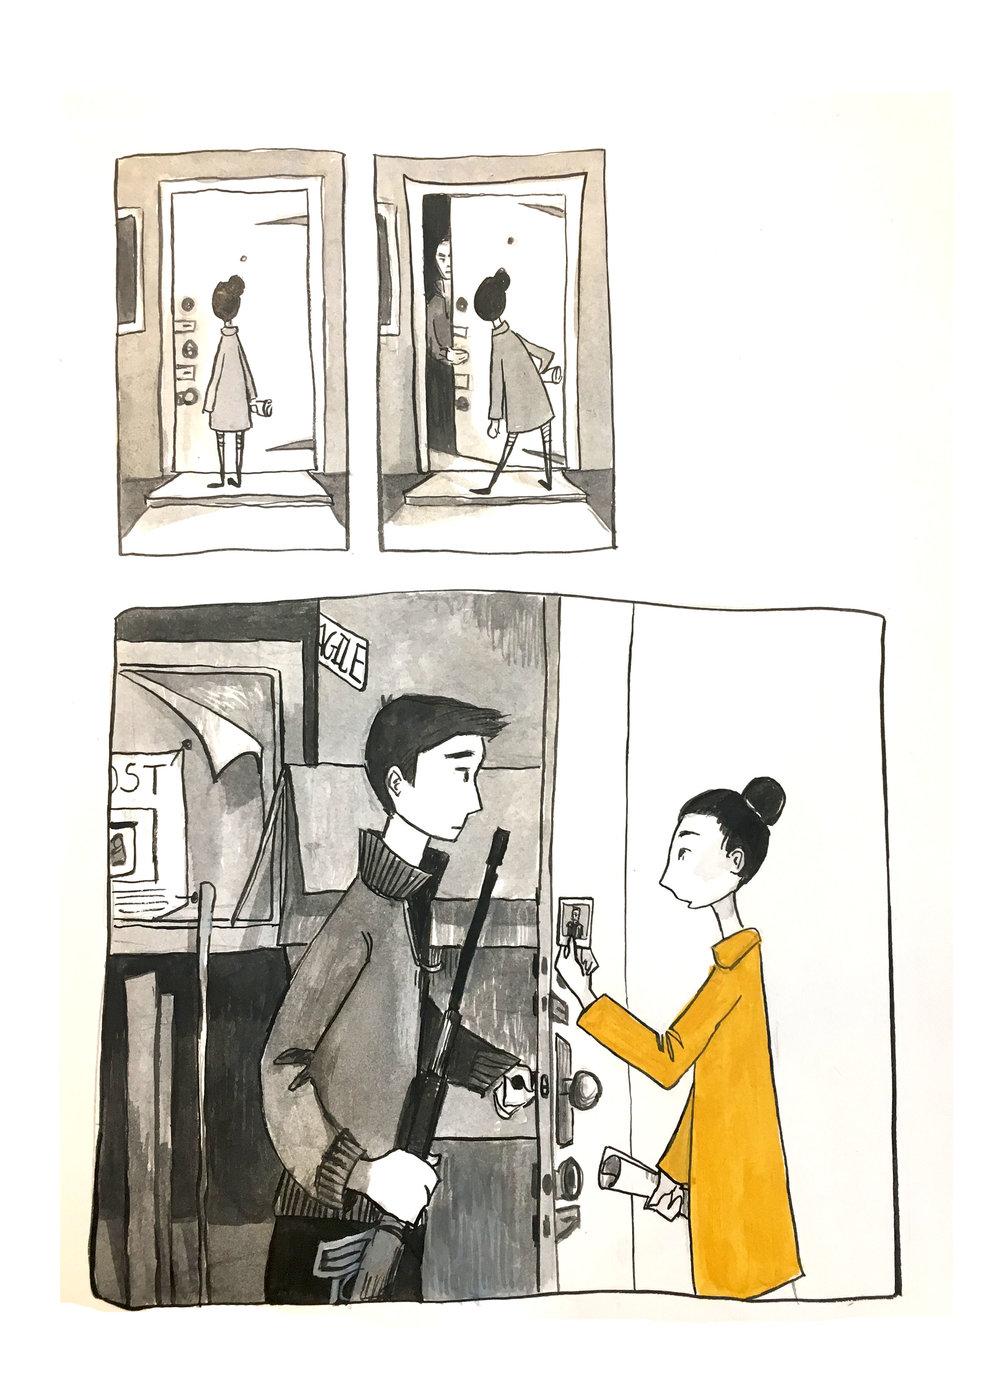 cartoon page 3.jpg